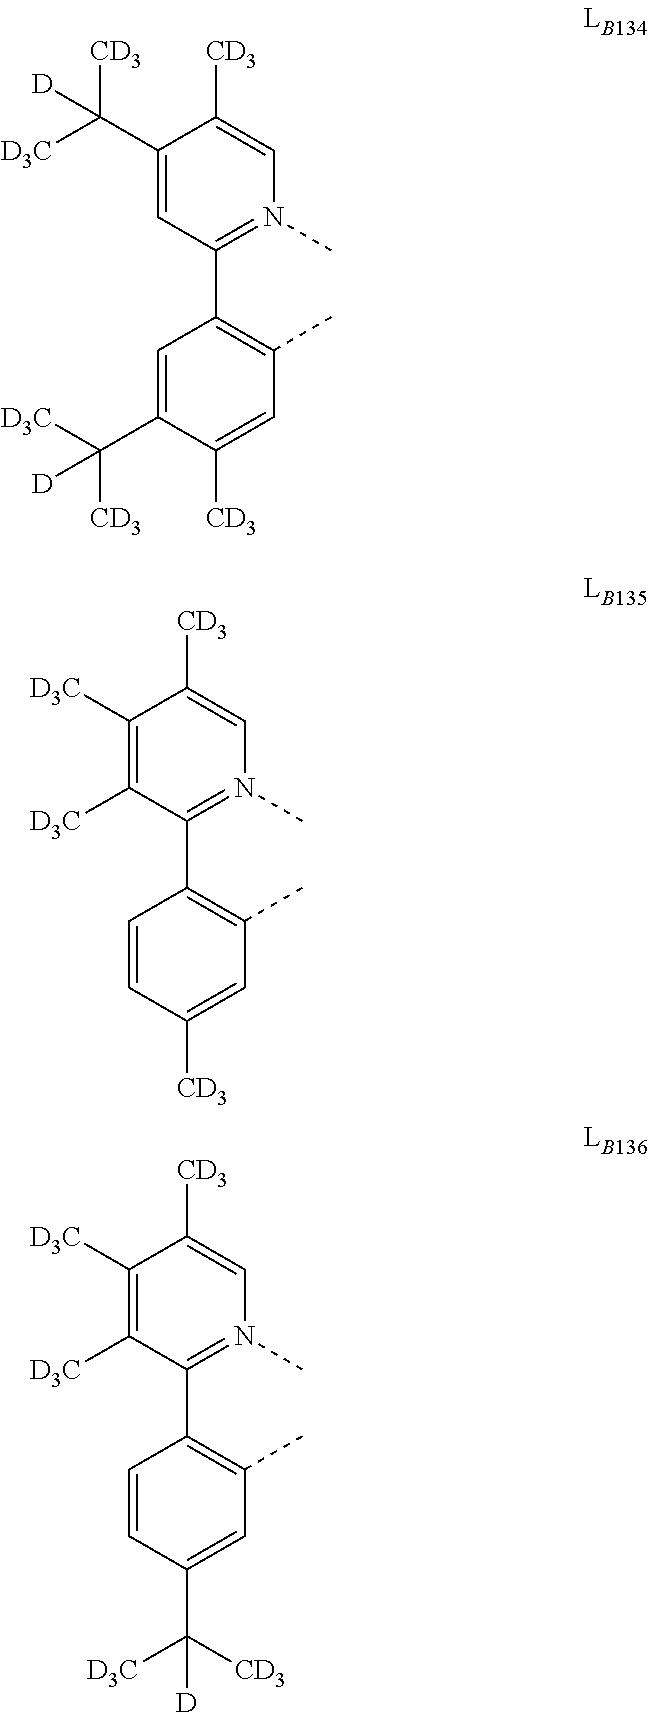 Figure US20180130962A1-20180510-C00286